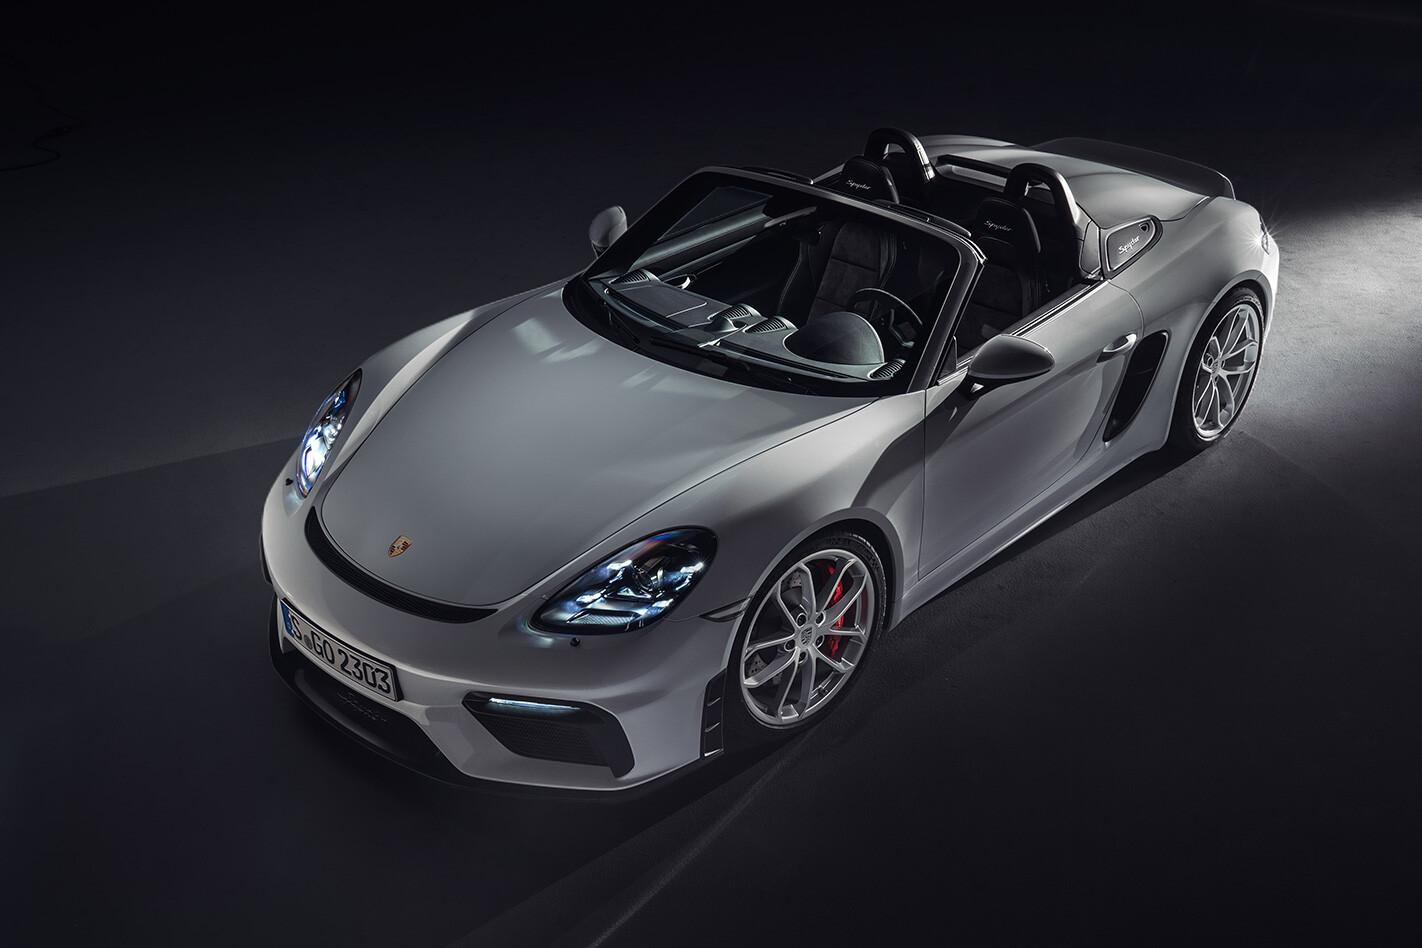 Porsche Spyder Top Jpg